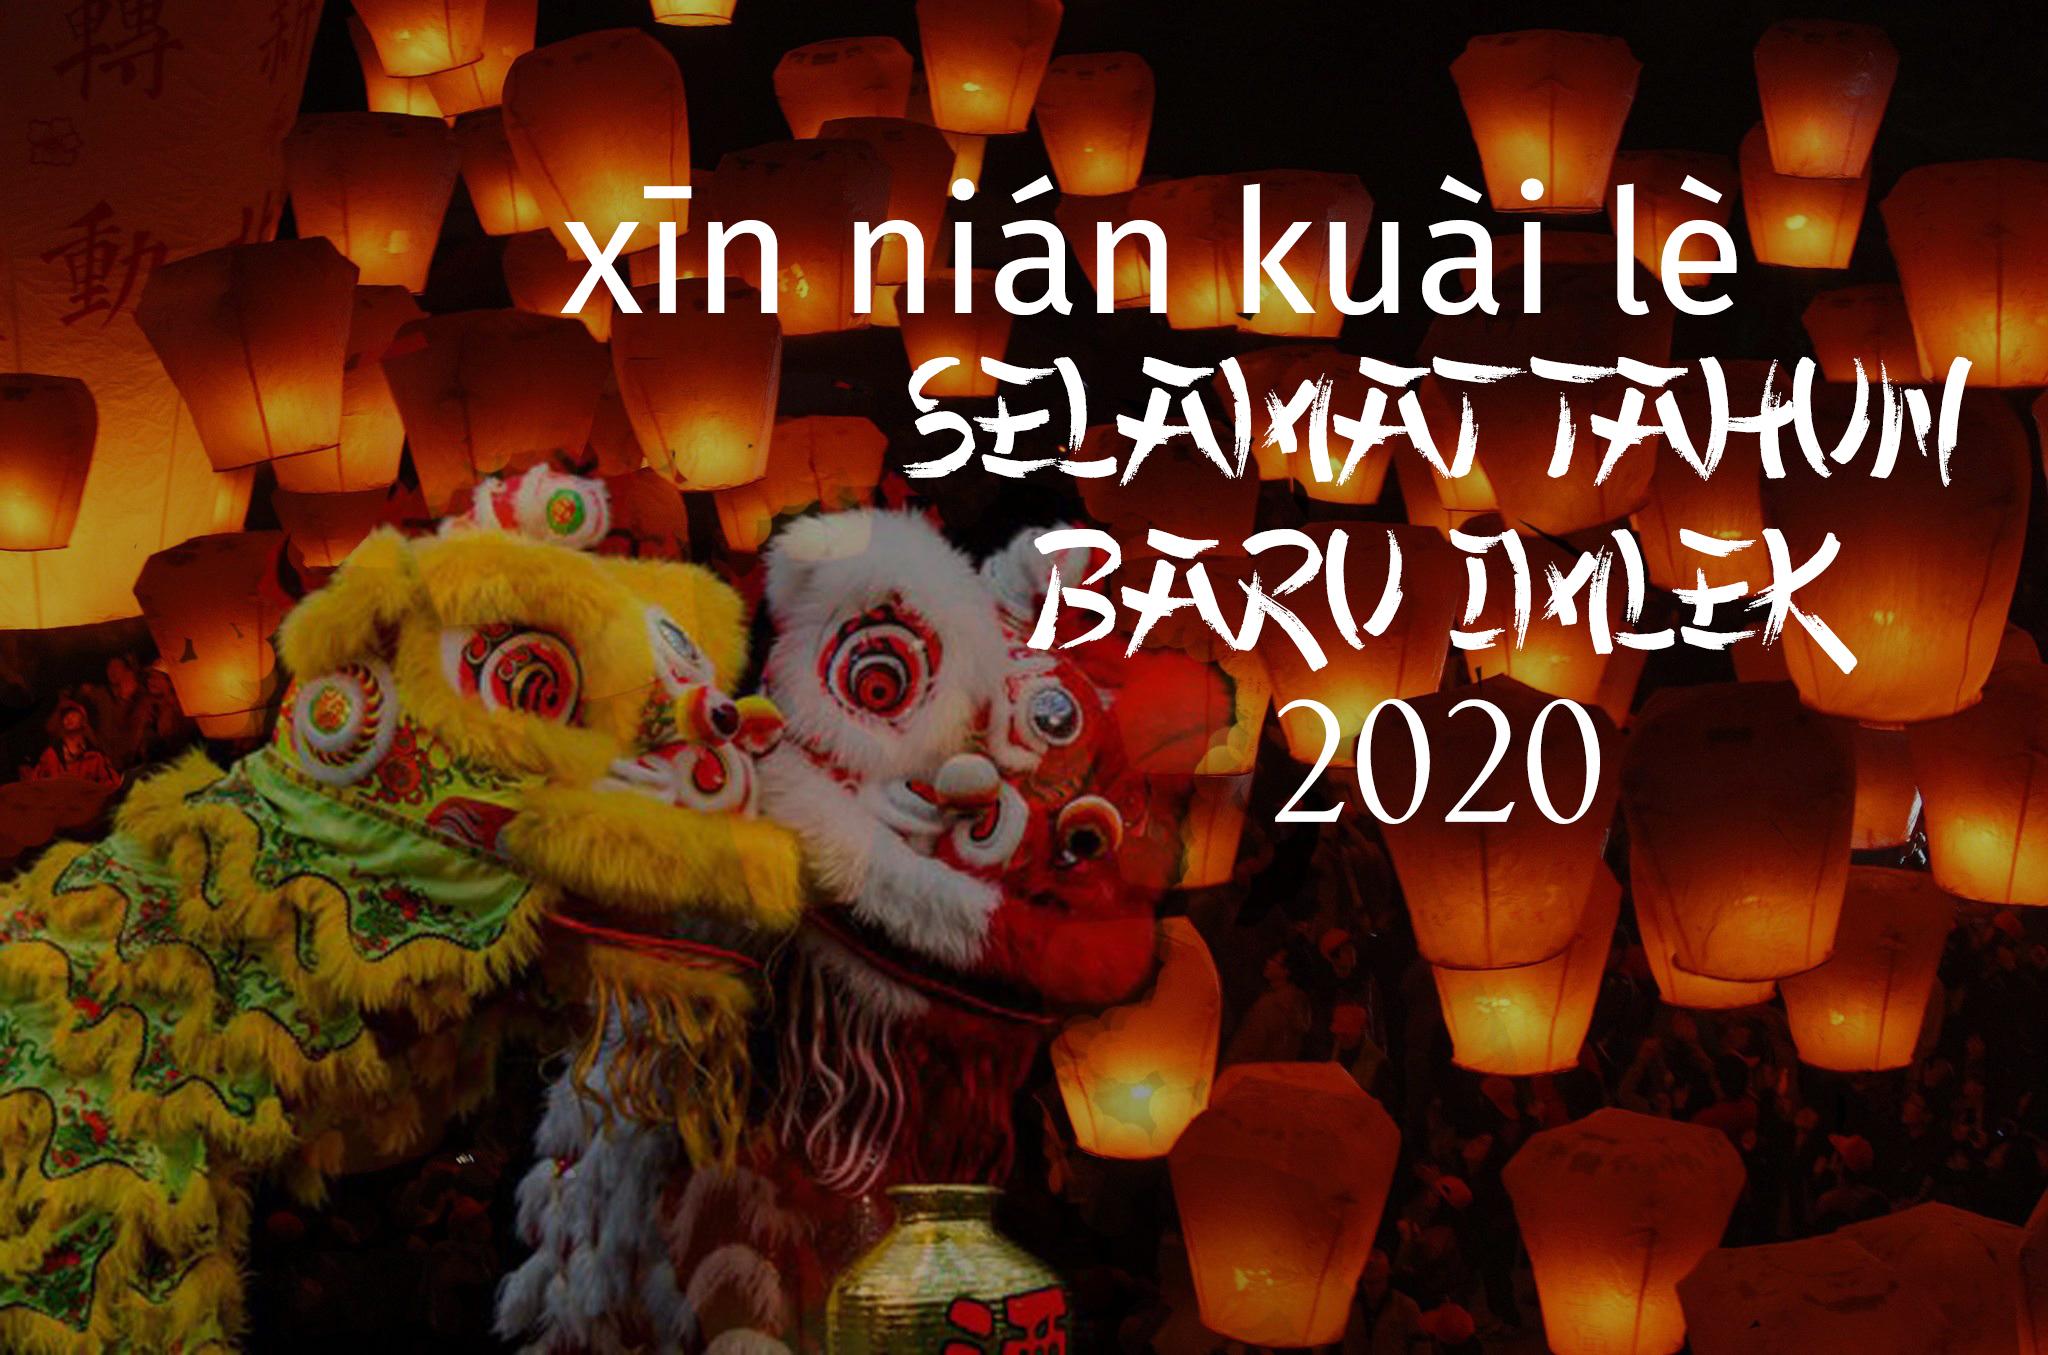 ucapan selamat tahun baru china